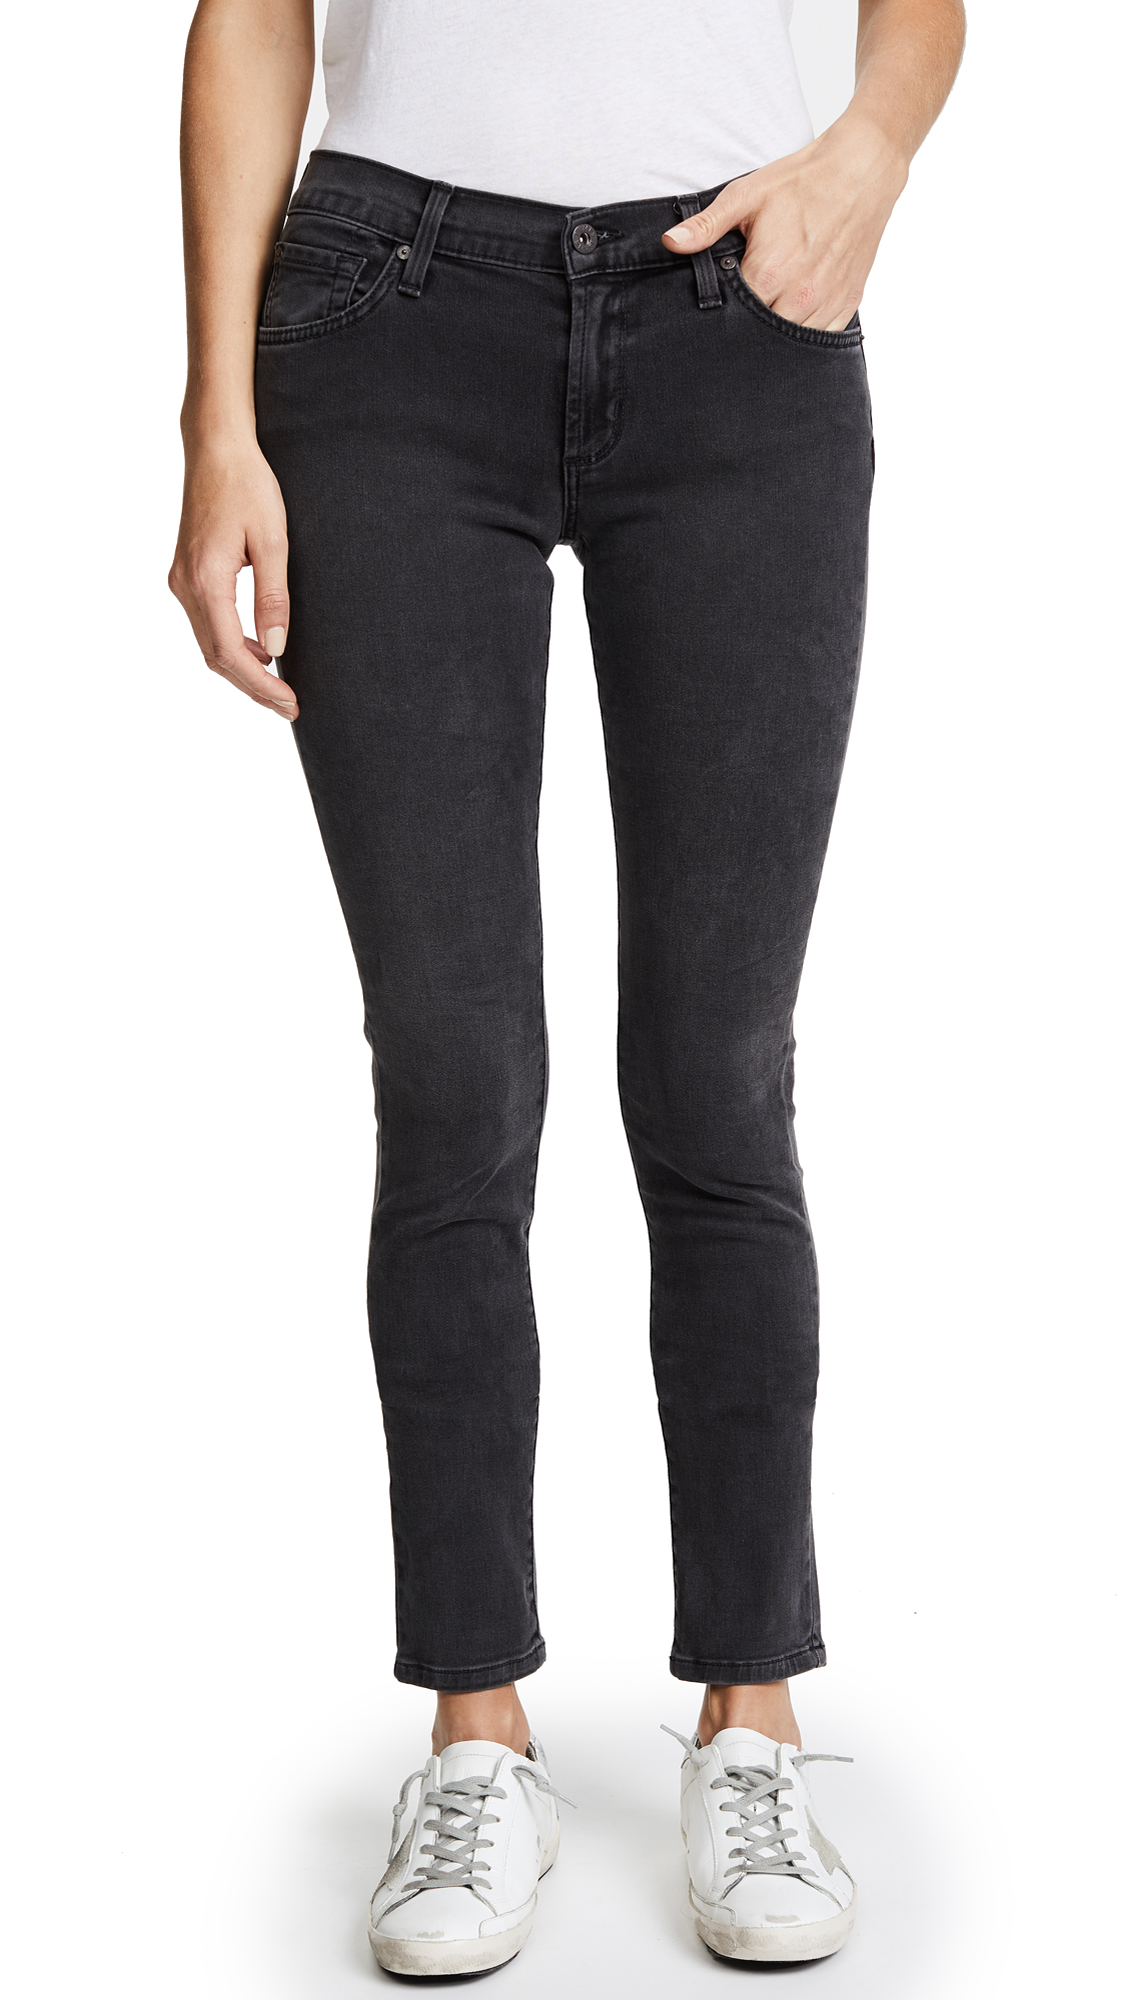 James Jeans Twiggy 5 Pocket Skinny Jeans In Slate Ii